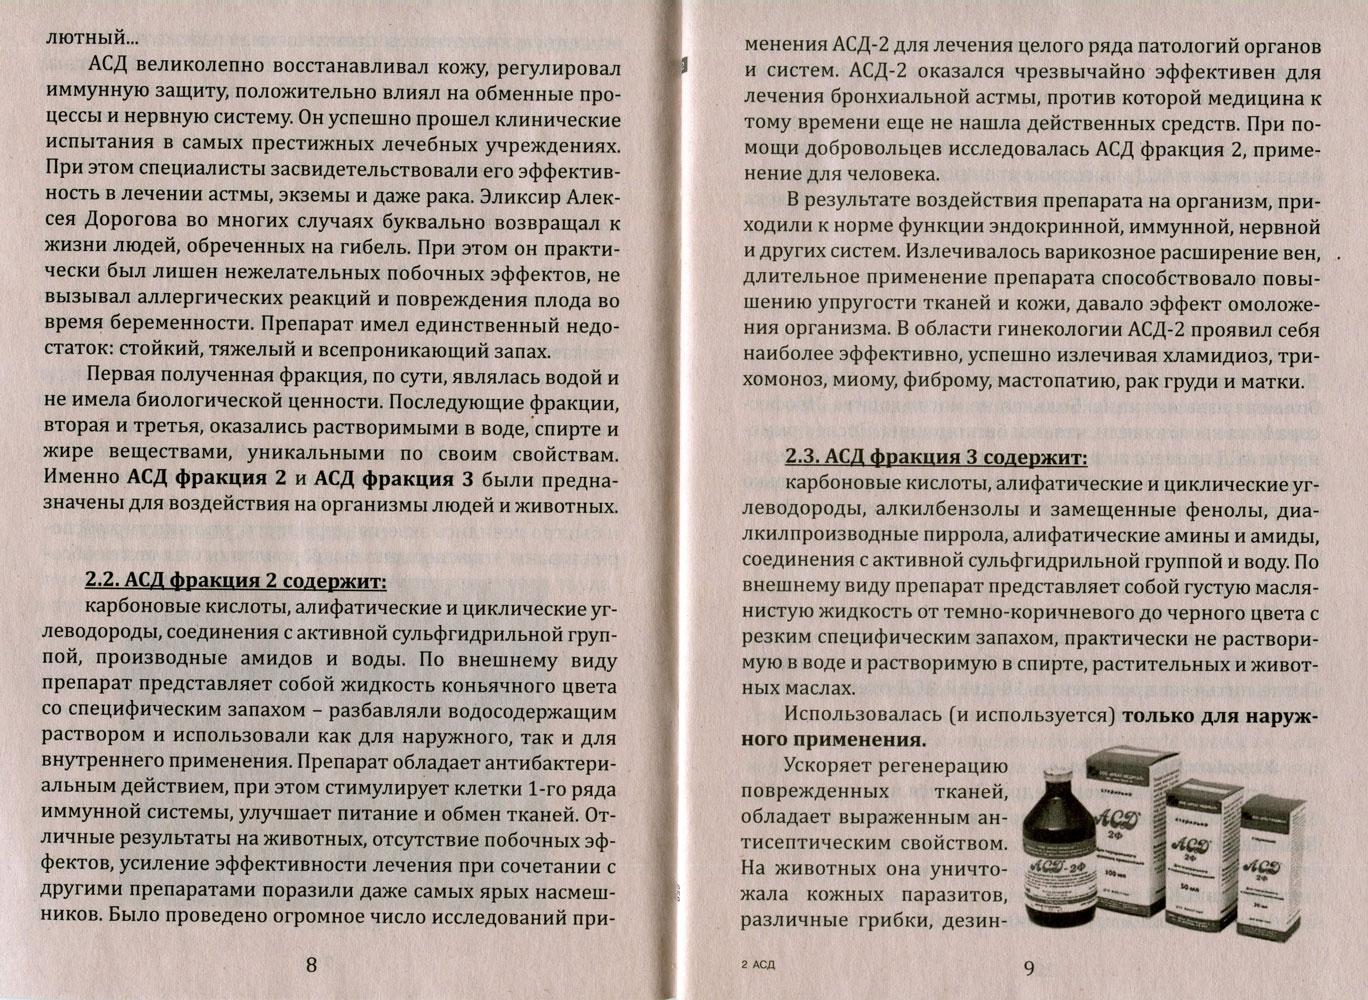 Препарат Асд Похудения. АСД фракция 2 для похудения: состав, применение для человека, схема приёма